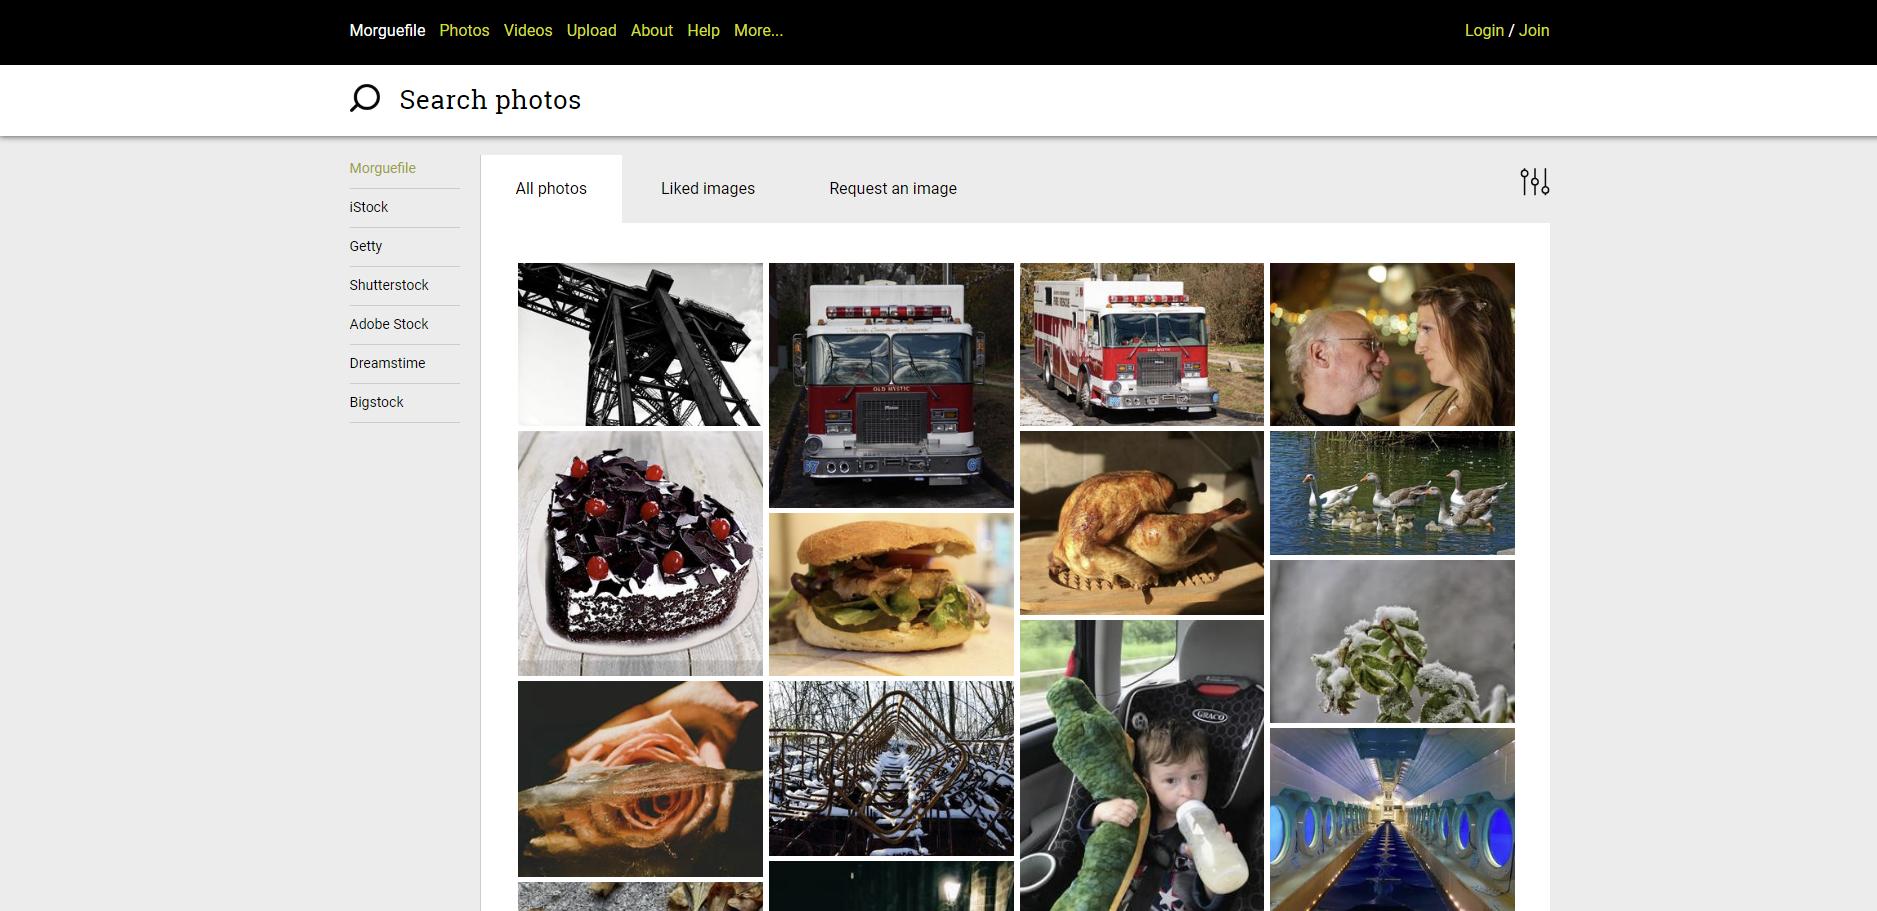 morguefile, jogtiszta fotók, ingyenes fotók, jogtiszta képek, ingyenes képek, ingyenes png ábrák, ingyenes háttérképek, ingyenes logó